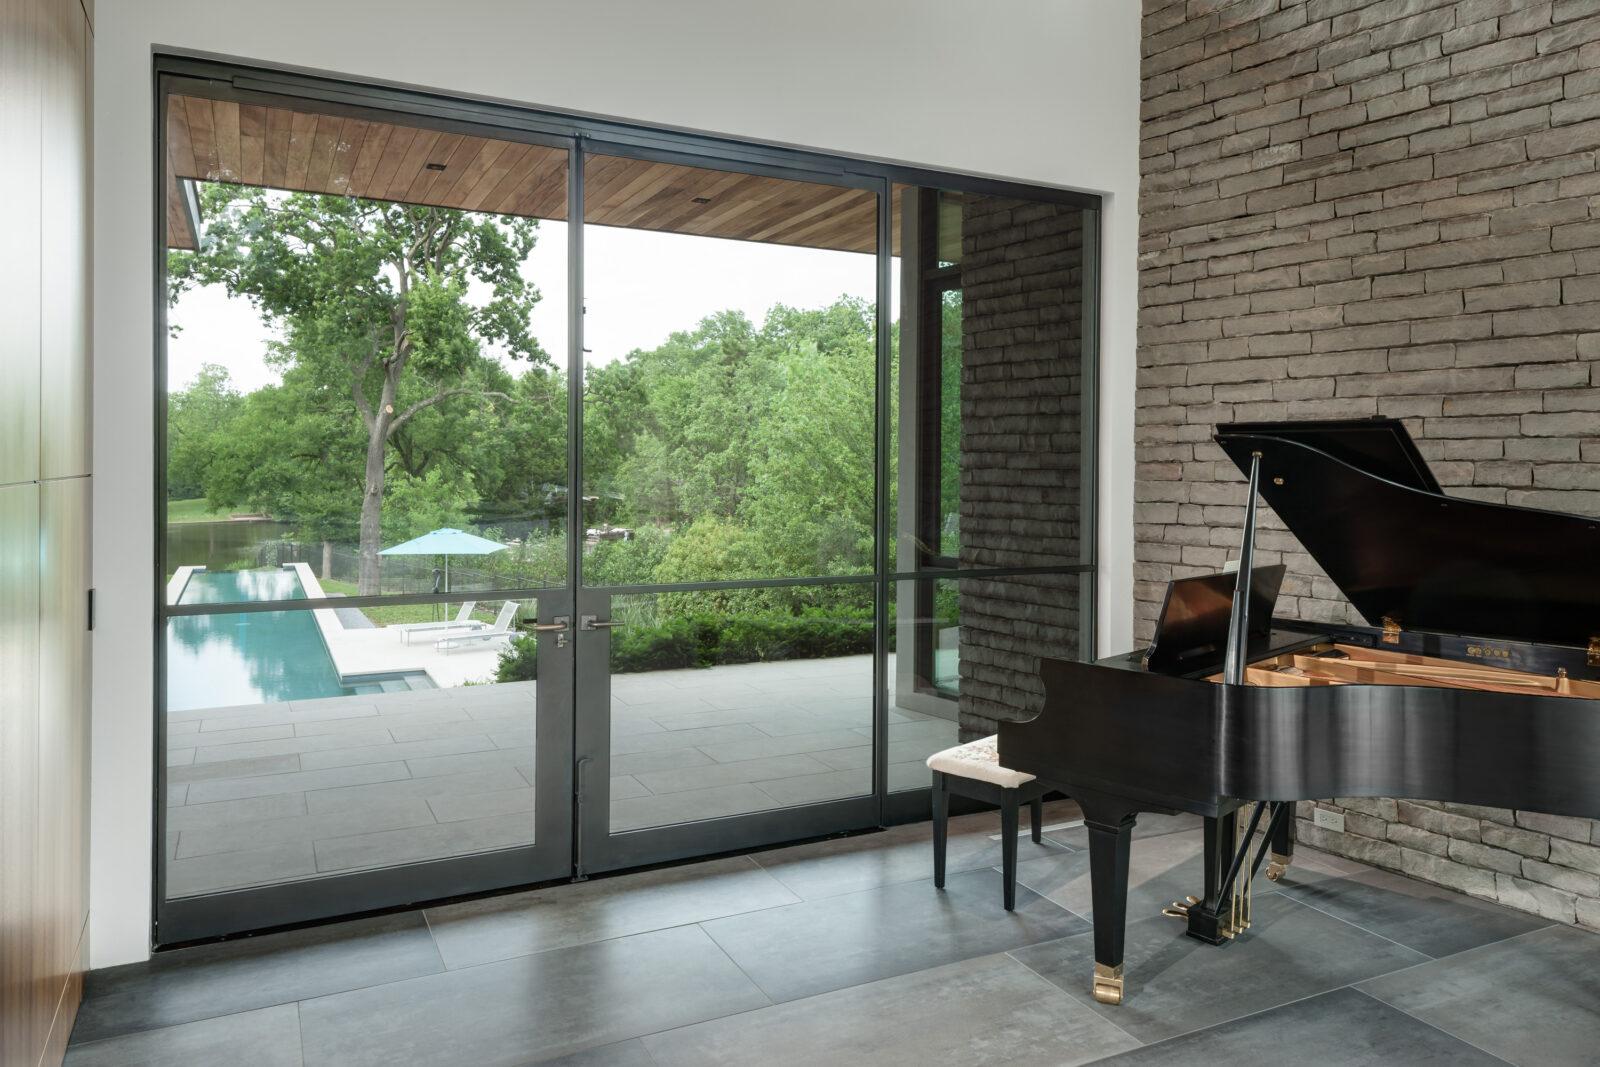 Carbon Steel Pivot Door installed in a home